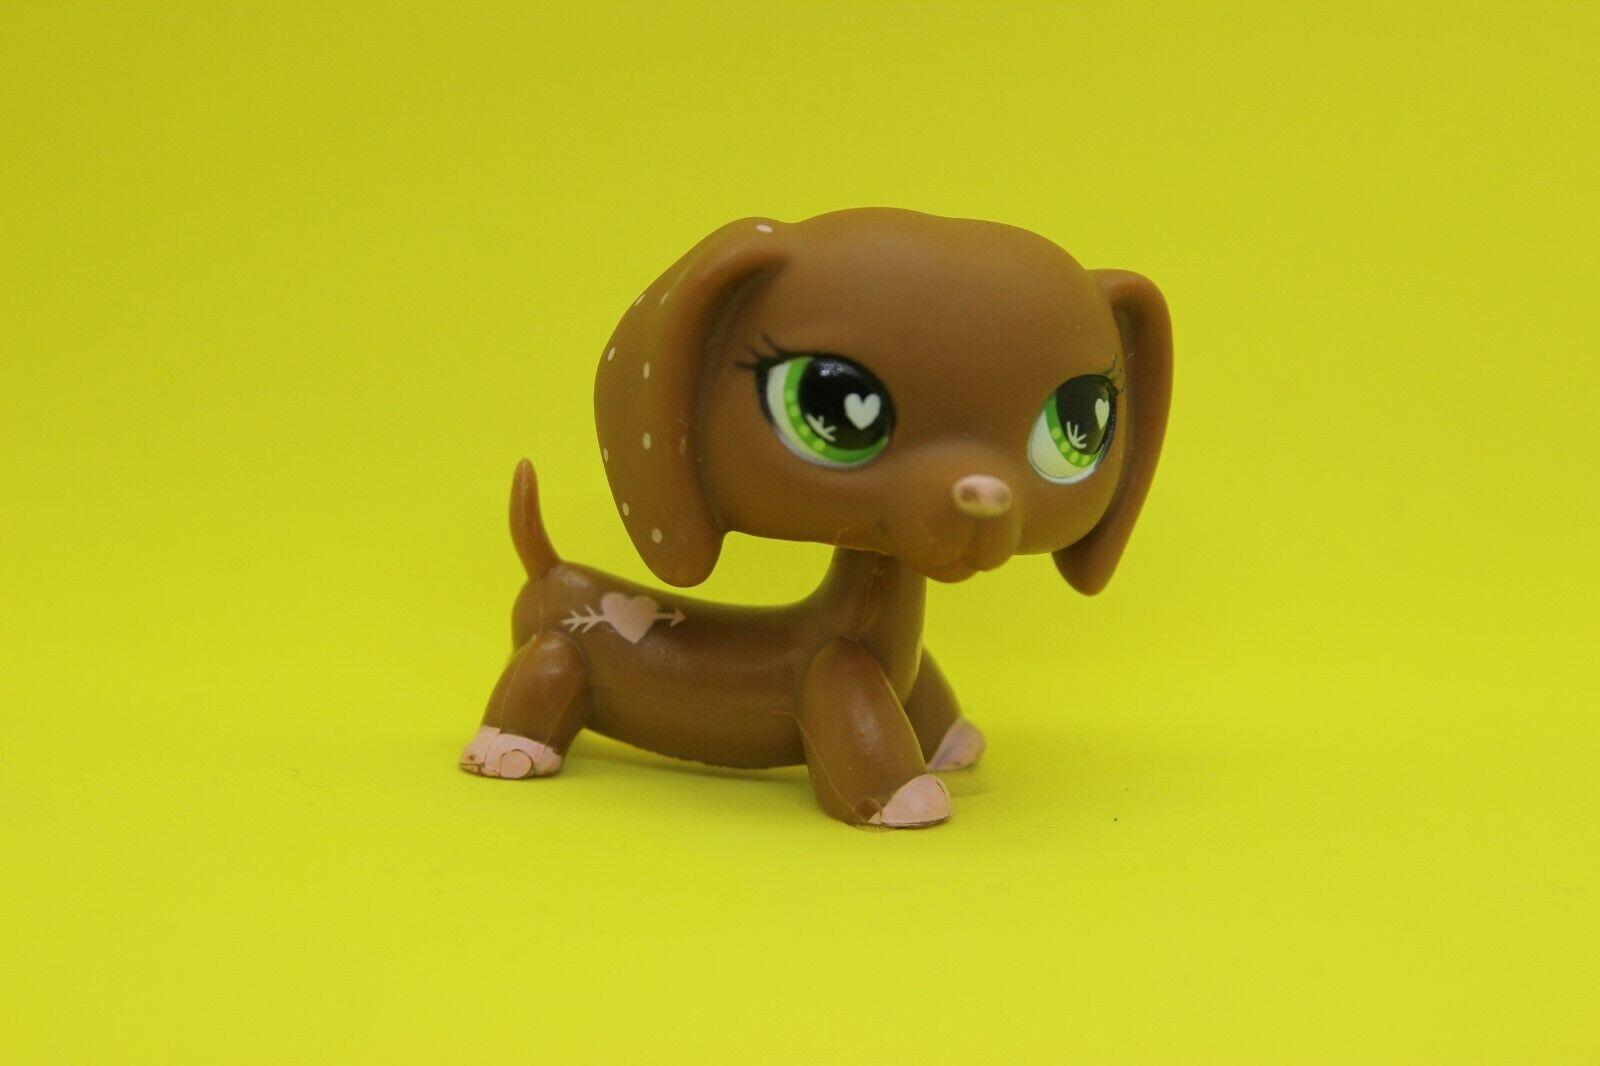 Authentic littlest pet shop brown pink valentine dachshund #556 teckel lps